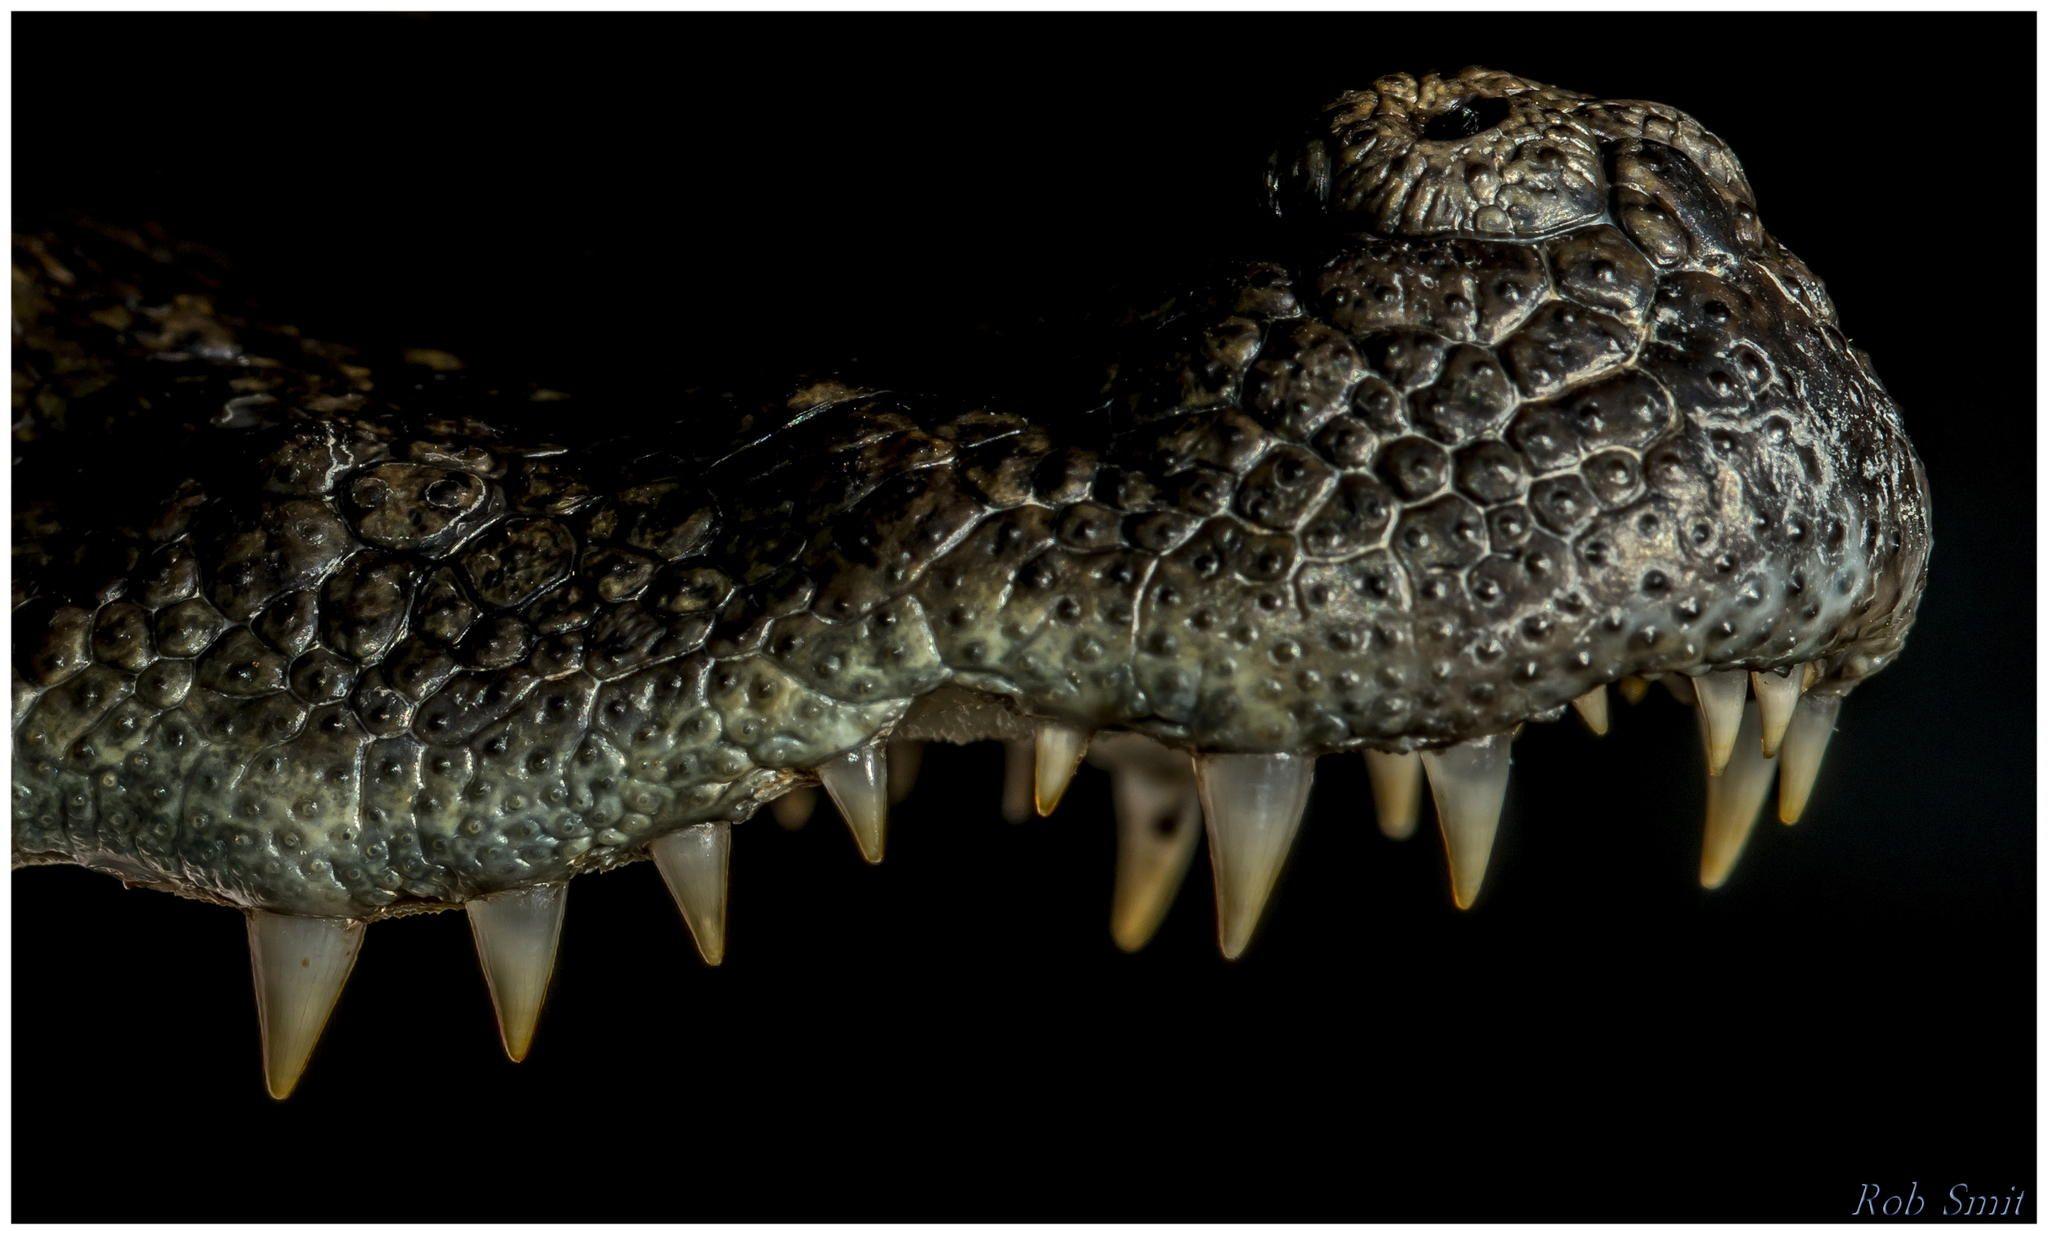 29bb02a6a84c Brilkaaiman (Caiman crocodilus) by Rob Smit on 500px